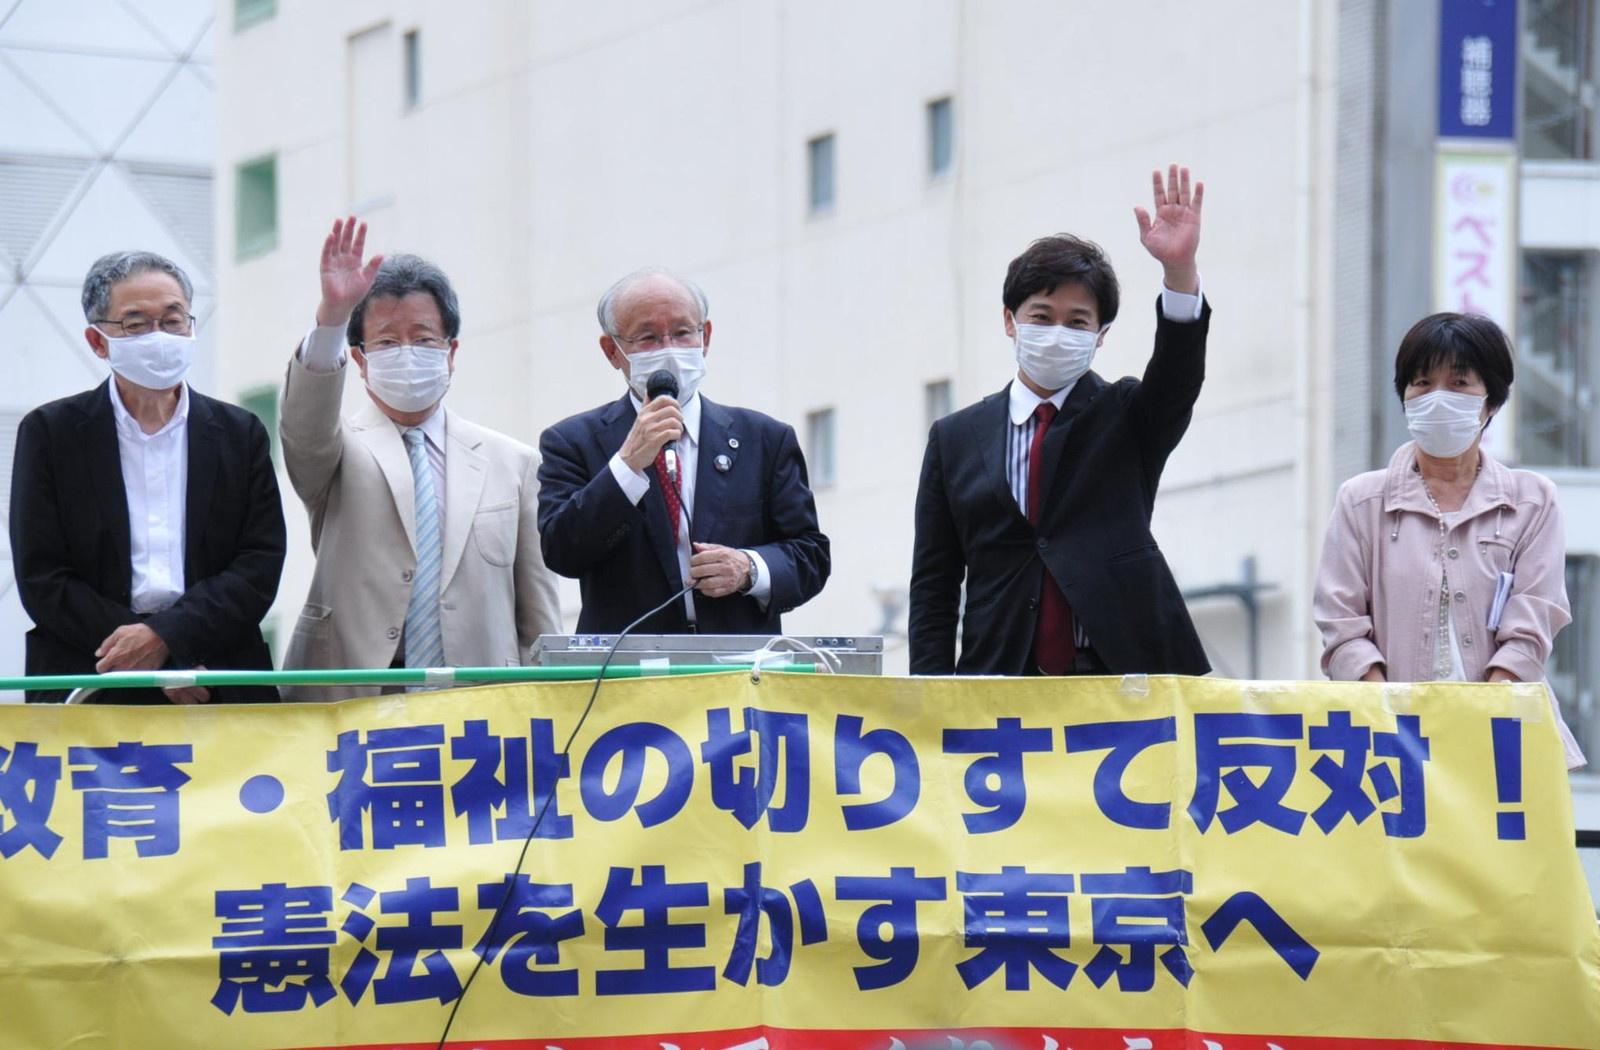 革新都政をつくる会のリレートークで訴える(左2人目から)永山、宇都宮、原田の各氏ら